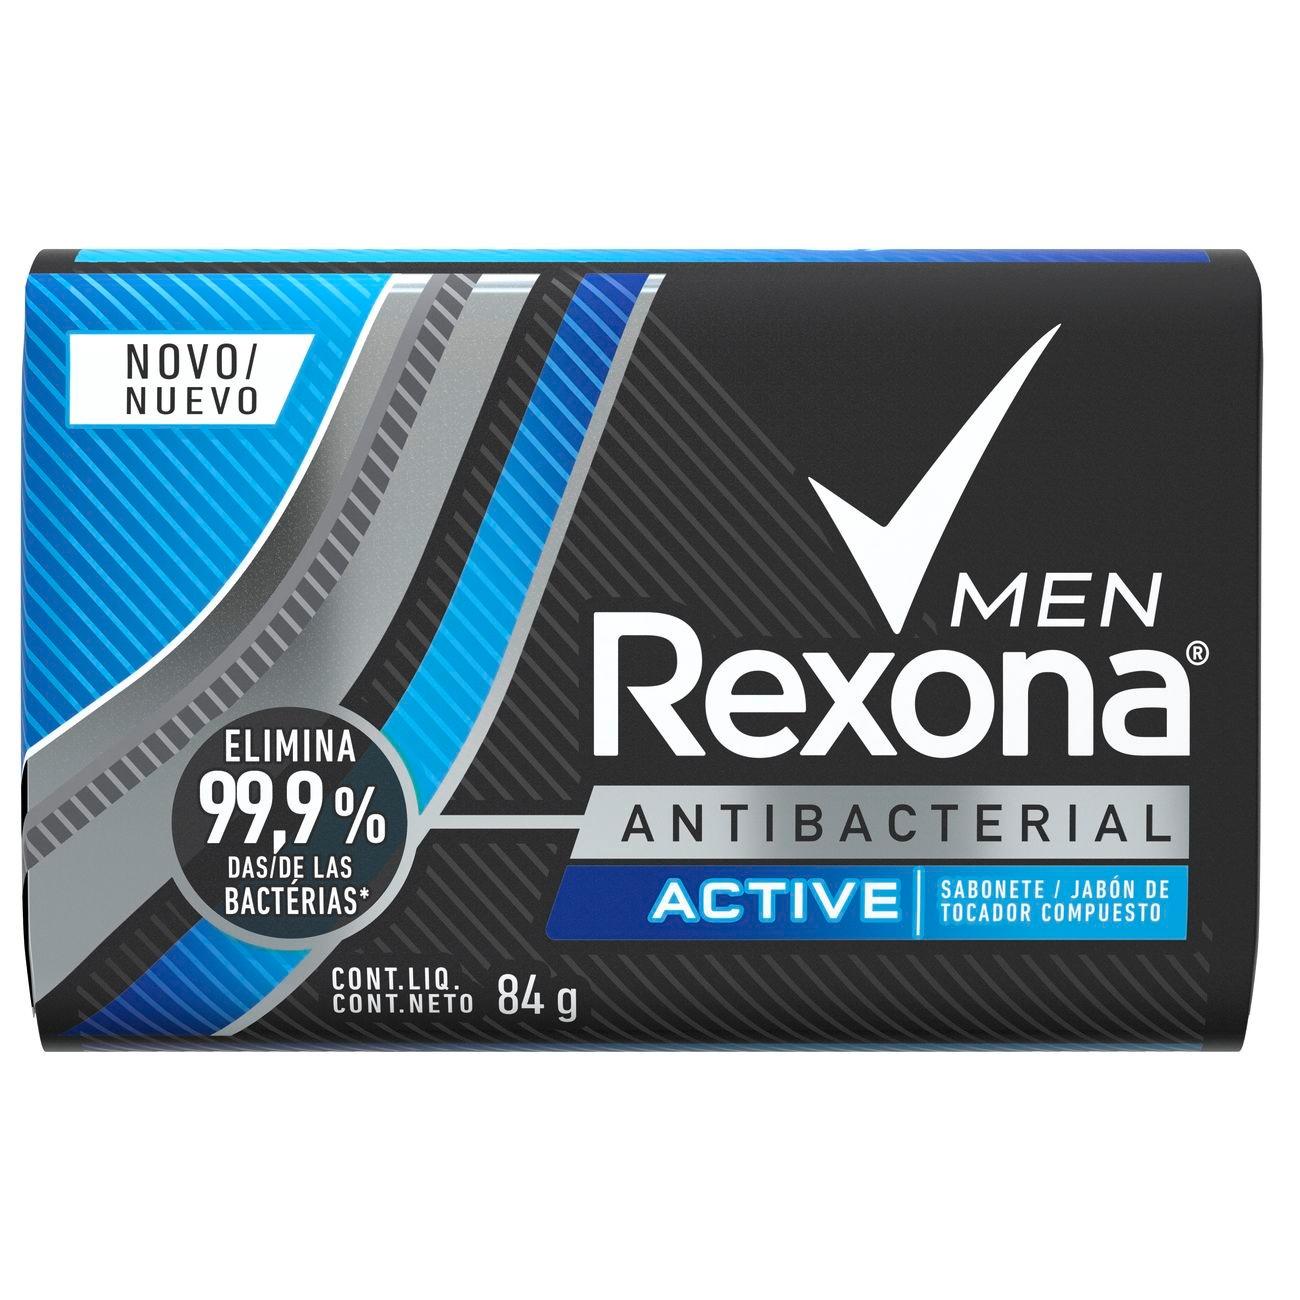 SAB REXONA ACTIVE 1X84G (108)